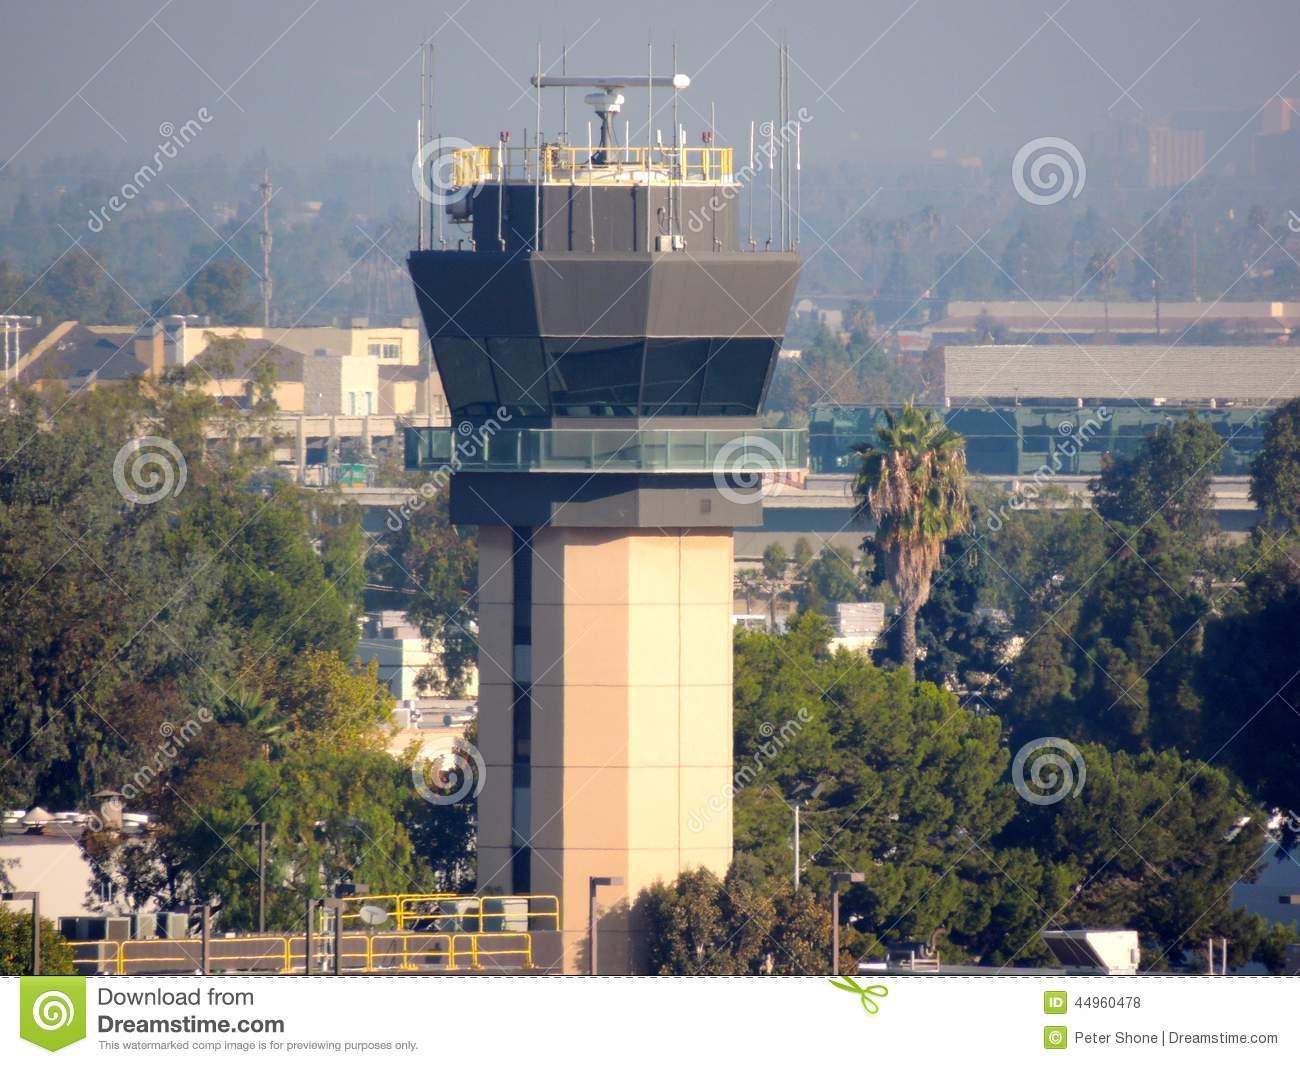 John Wayne Airport Control Tower Stock Photo.